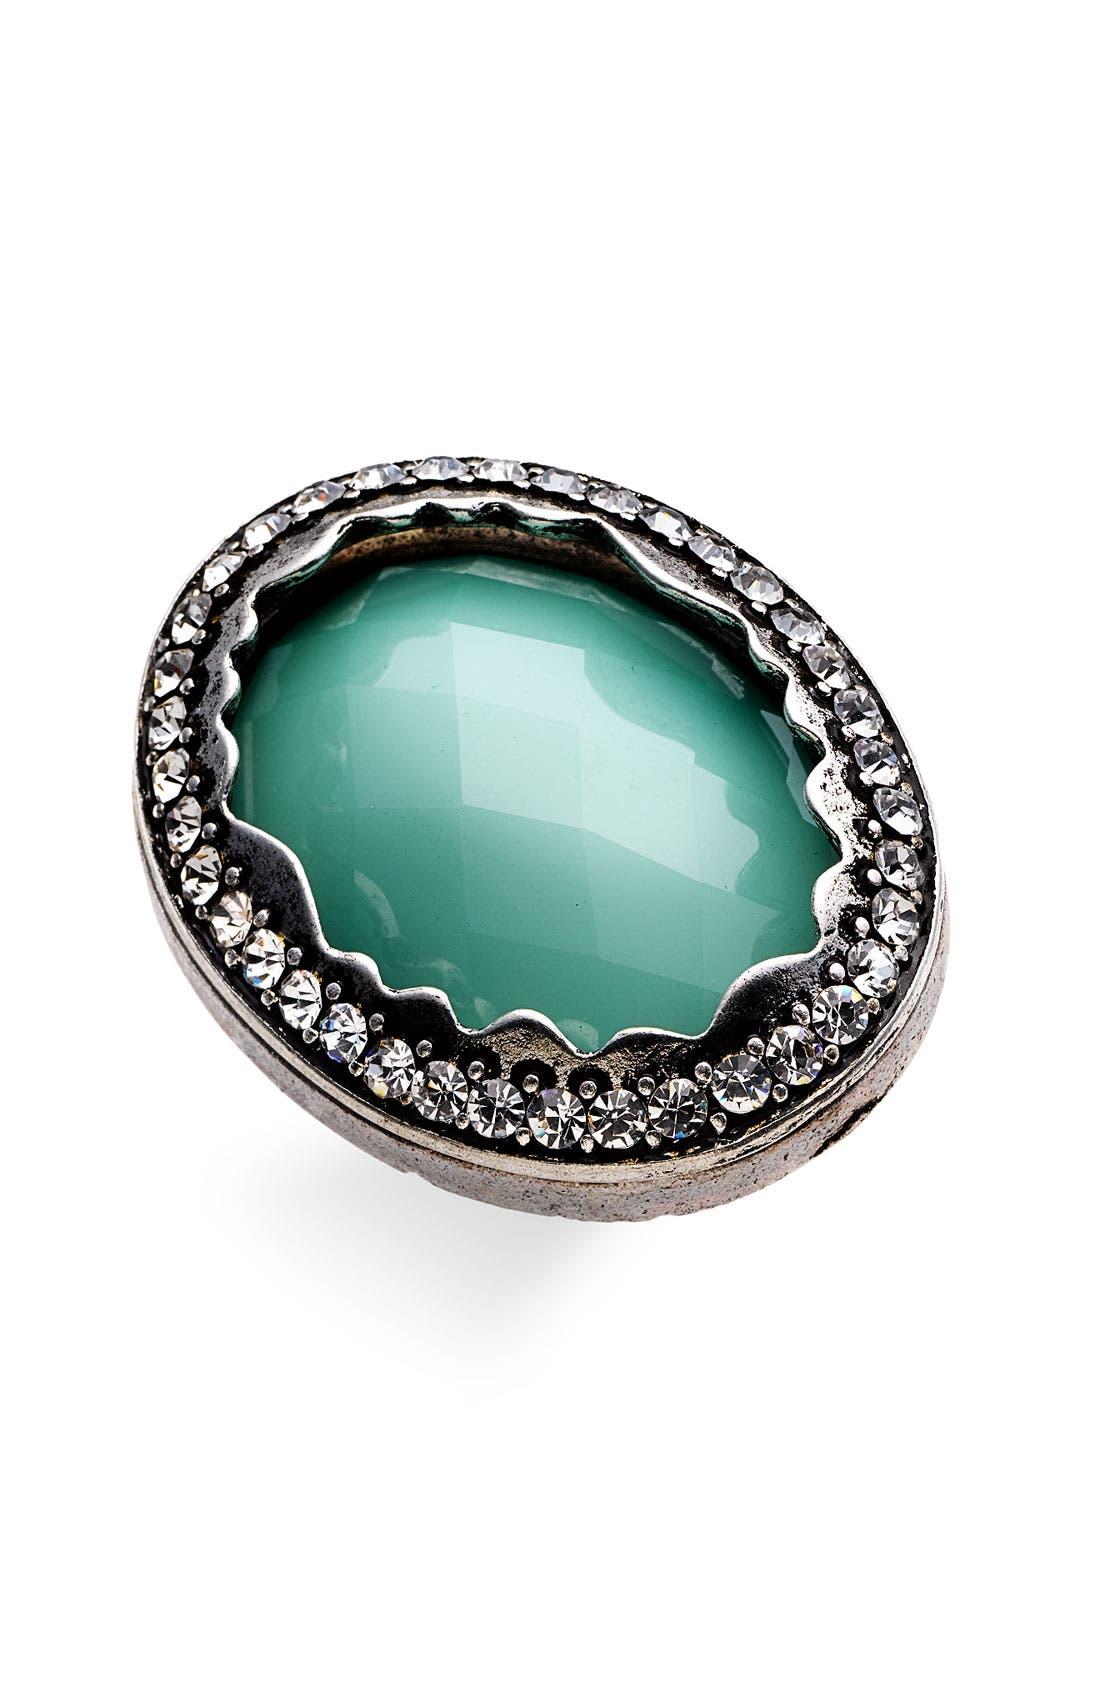 Main Image - Stephan & Co. Large Stone Ring